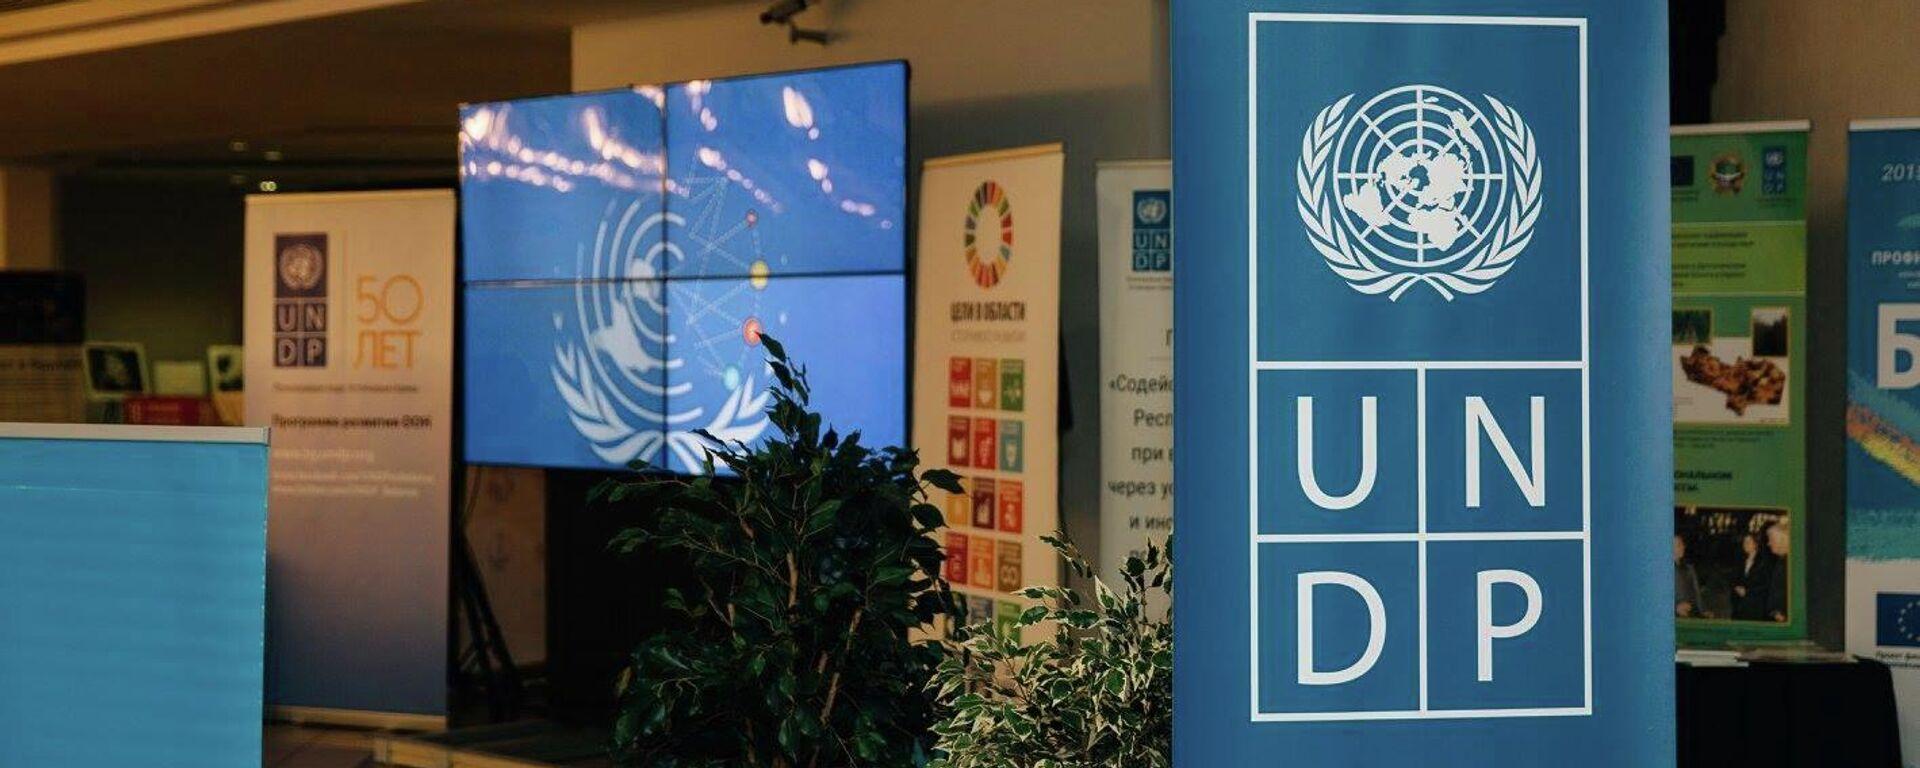 В офисе ООН в Беларуси - Sputnik Беларусь, 1920, 13.10.2021